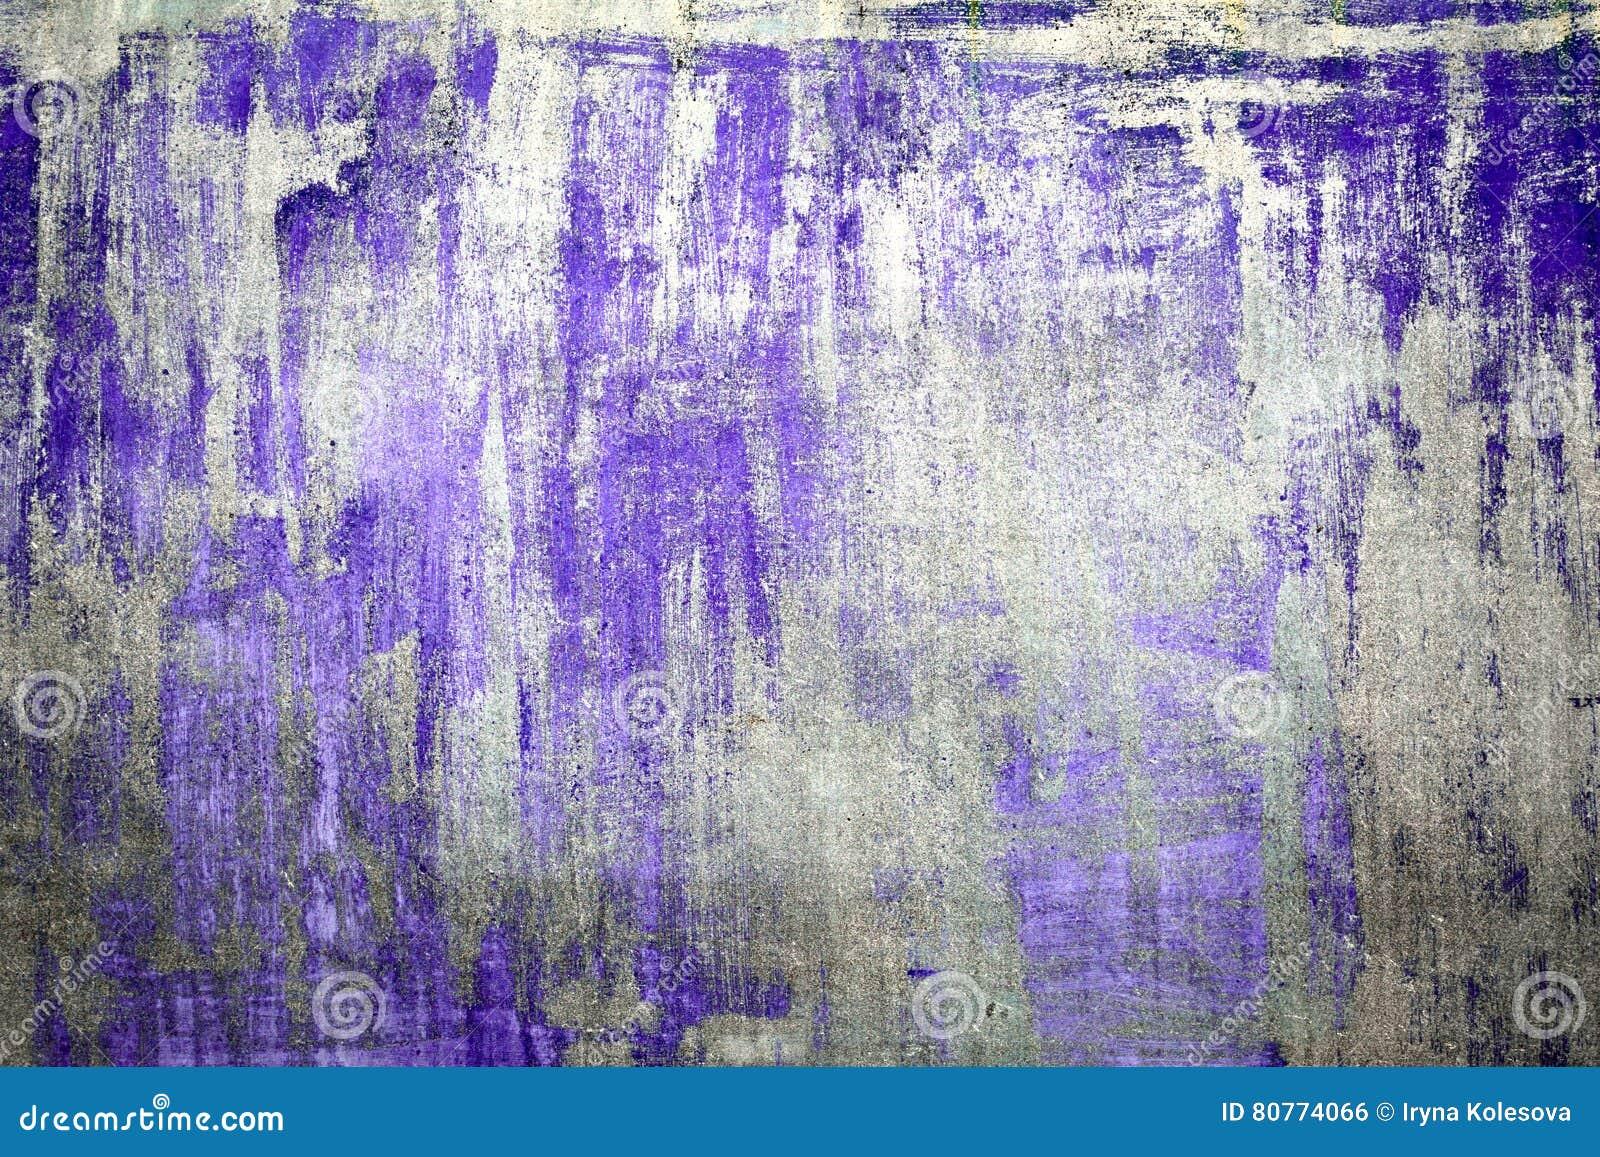 老损坏的破裂的油漆墙壁,难看的东西背景,紫色颜色